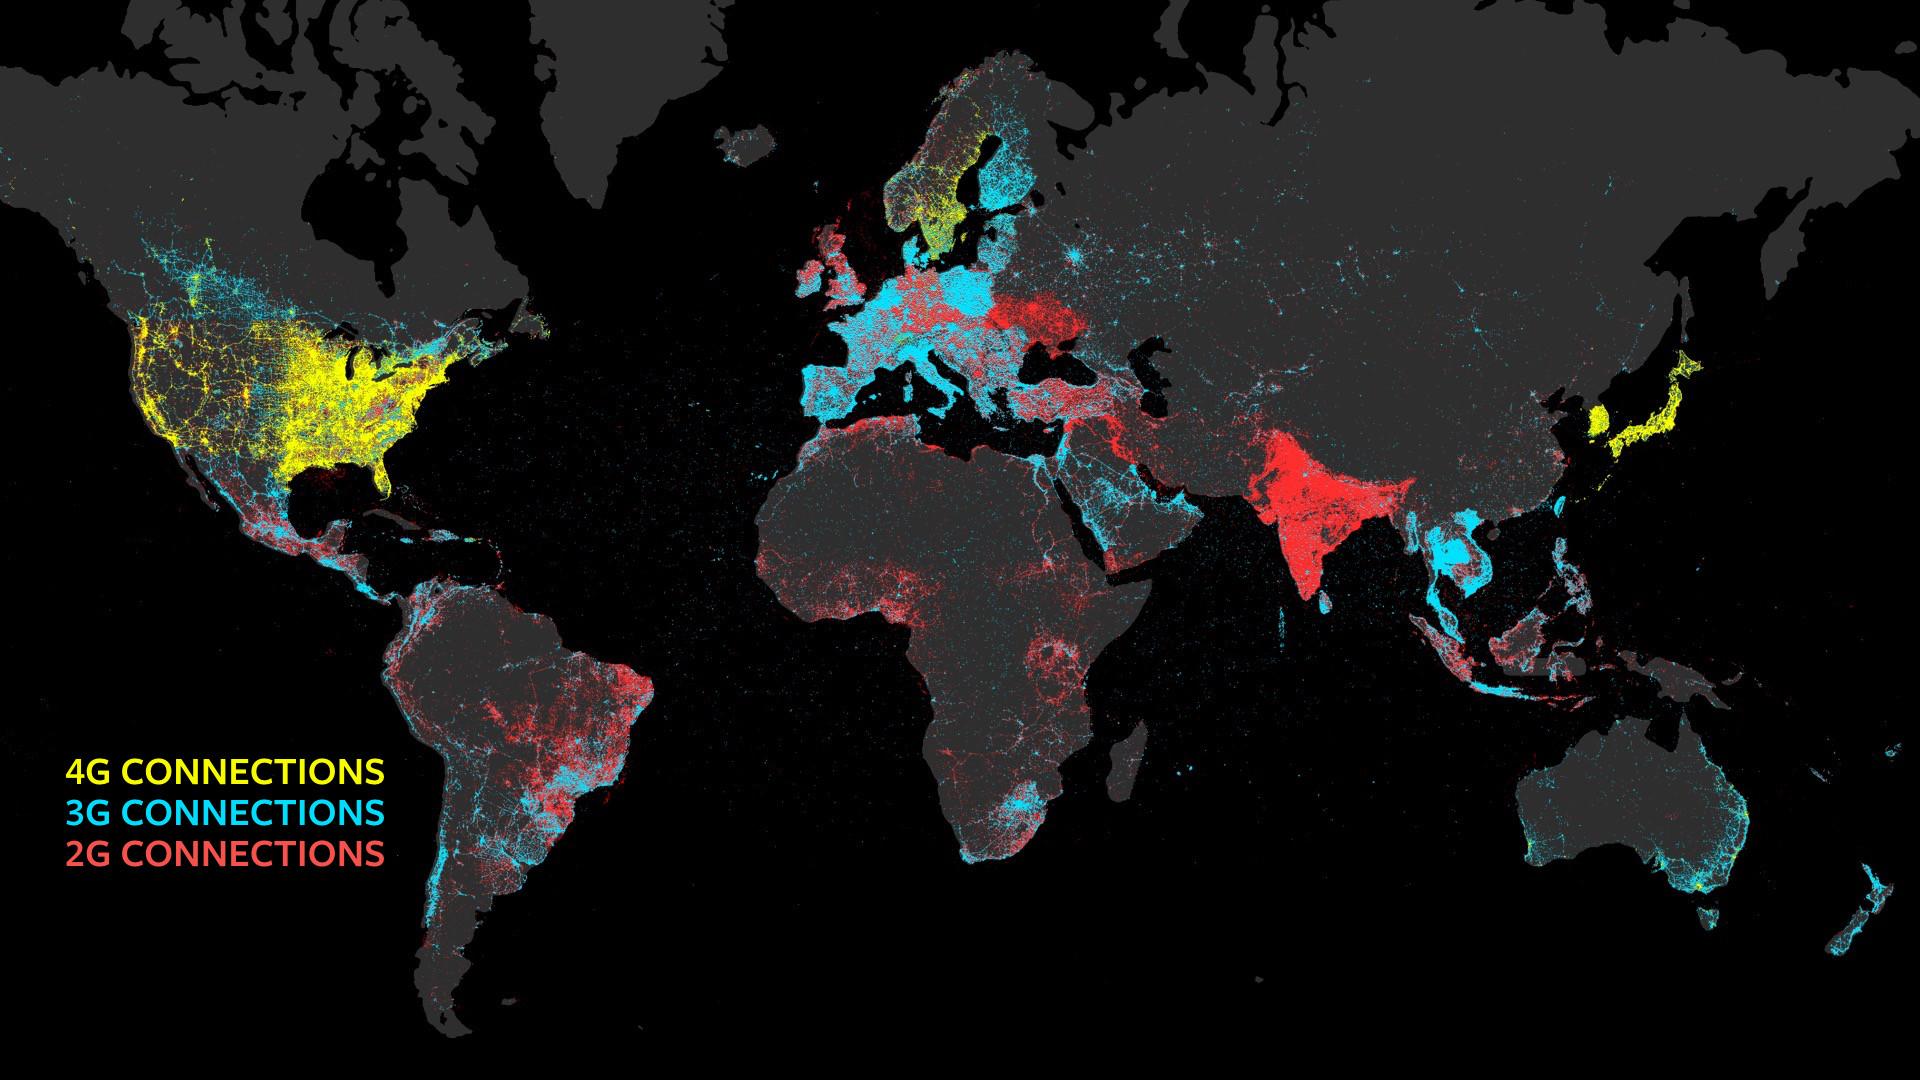 اگر اینترنت برای همیشه قطع شود چه اتفاقی میافتد؟